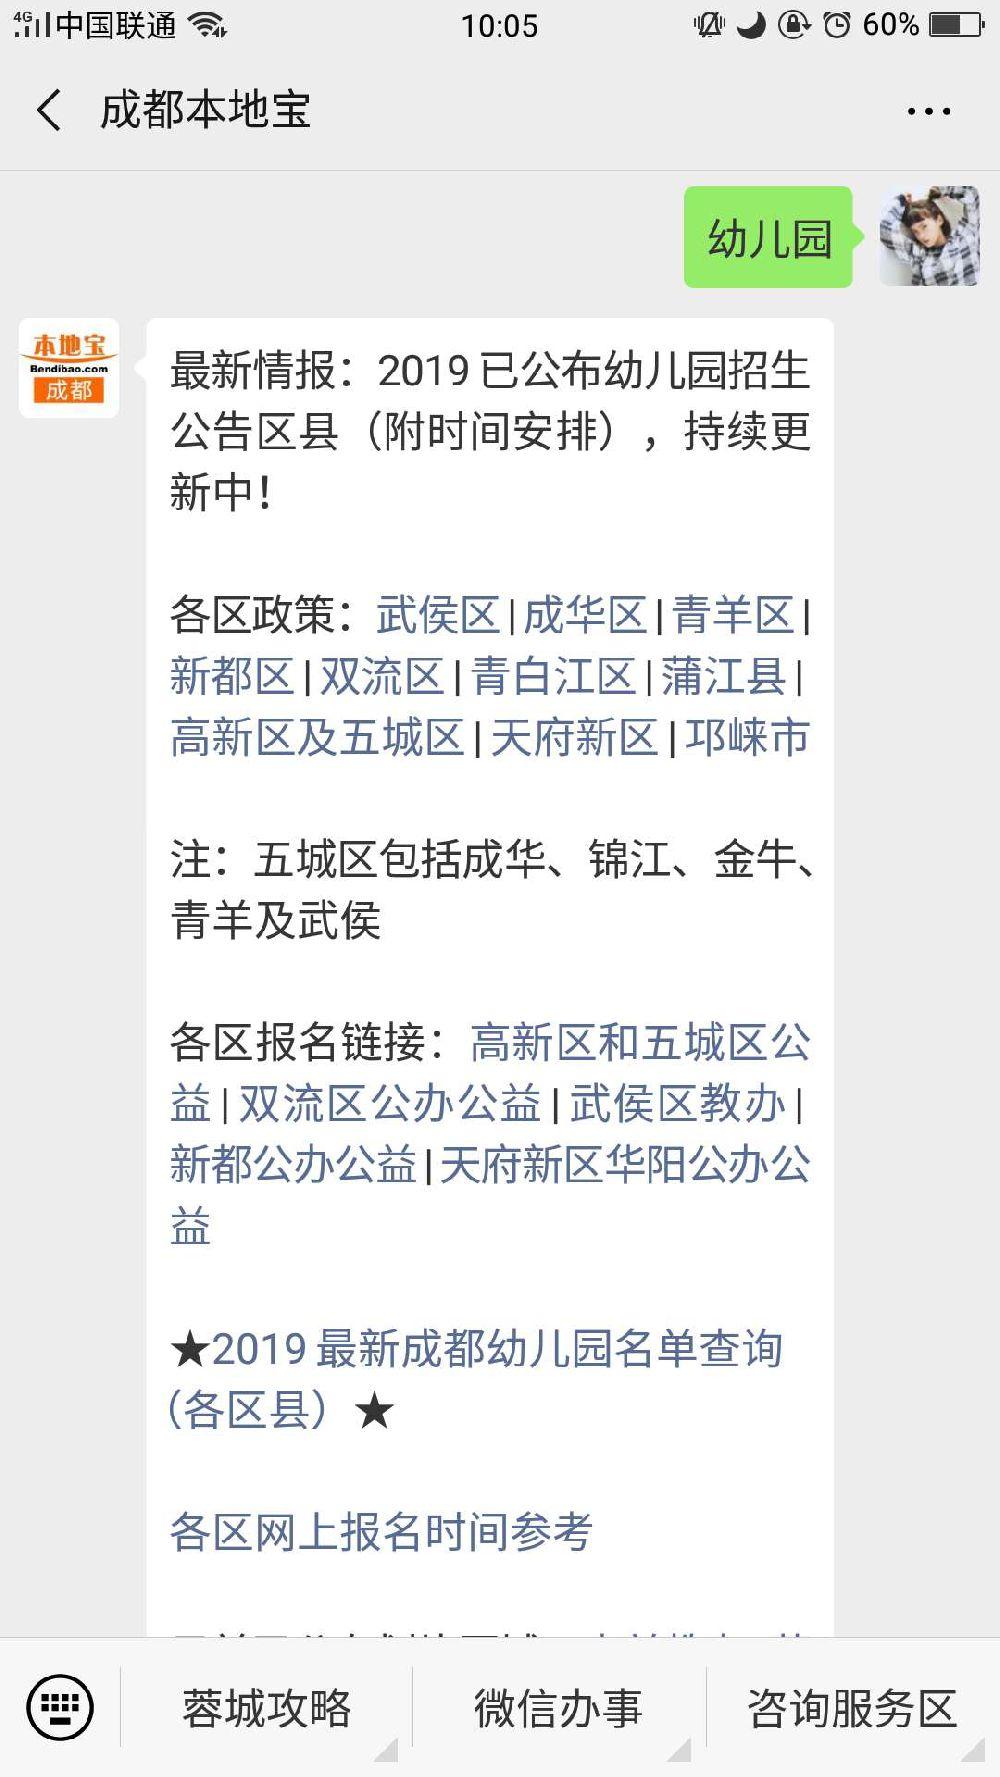 成都市天府新区2019年幼儿园招生指南